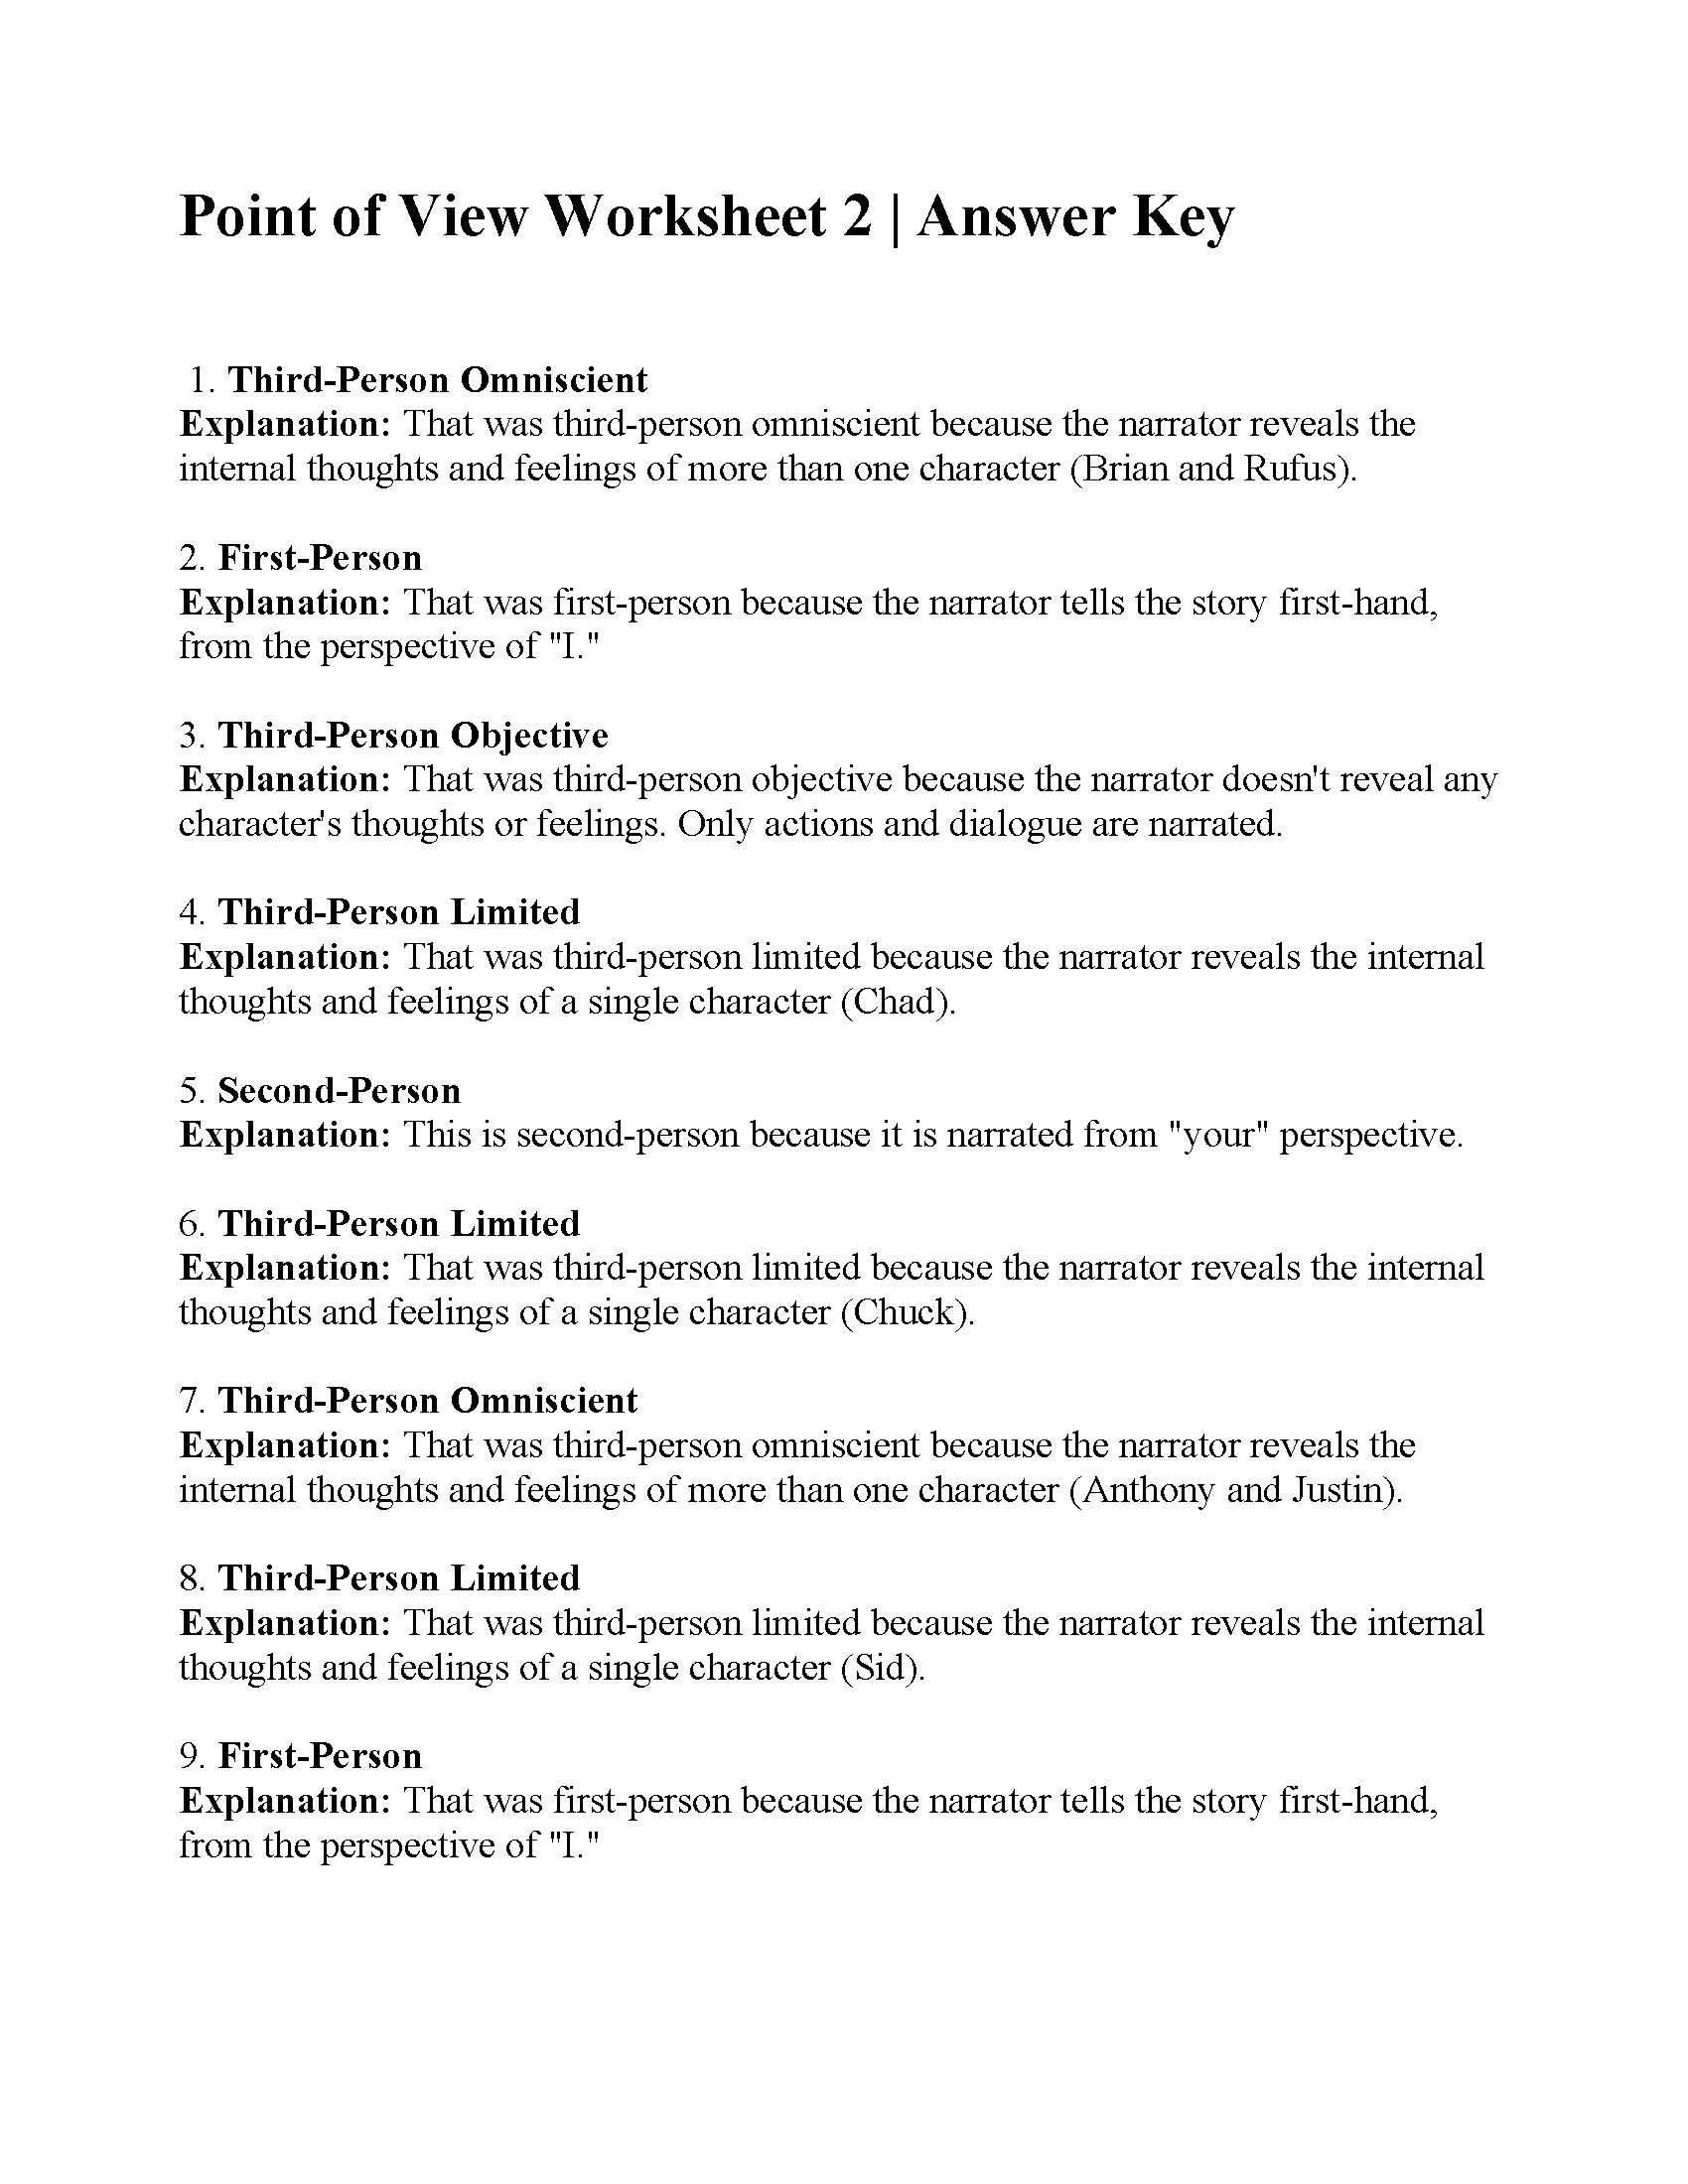 Point Of View Worksheet 3 : point, worksheet, Point, Worksheet, Answers